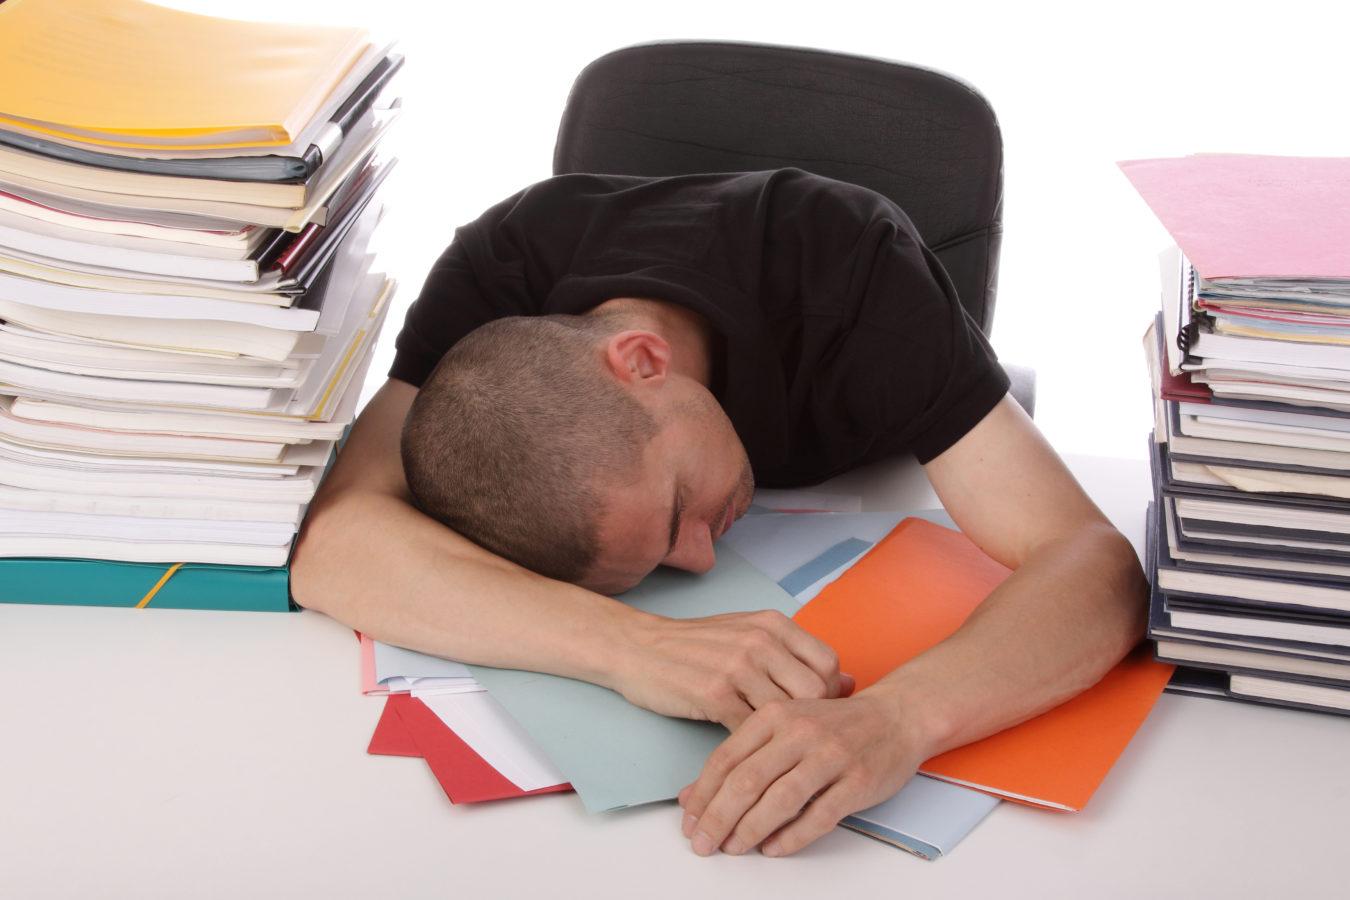 La démotivation au travail est-elle une fatalité ?